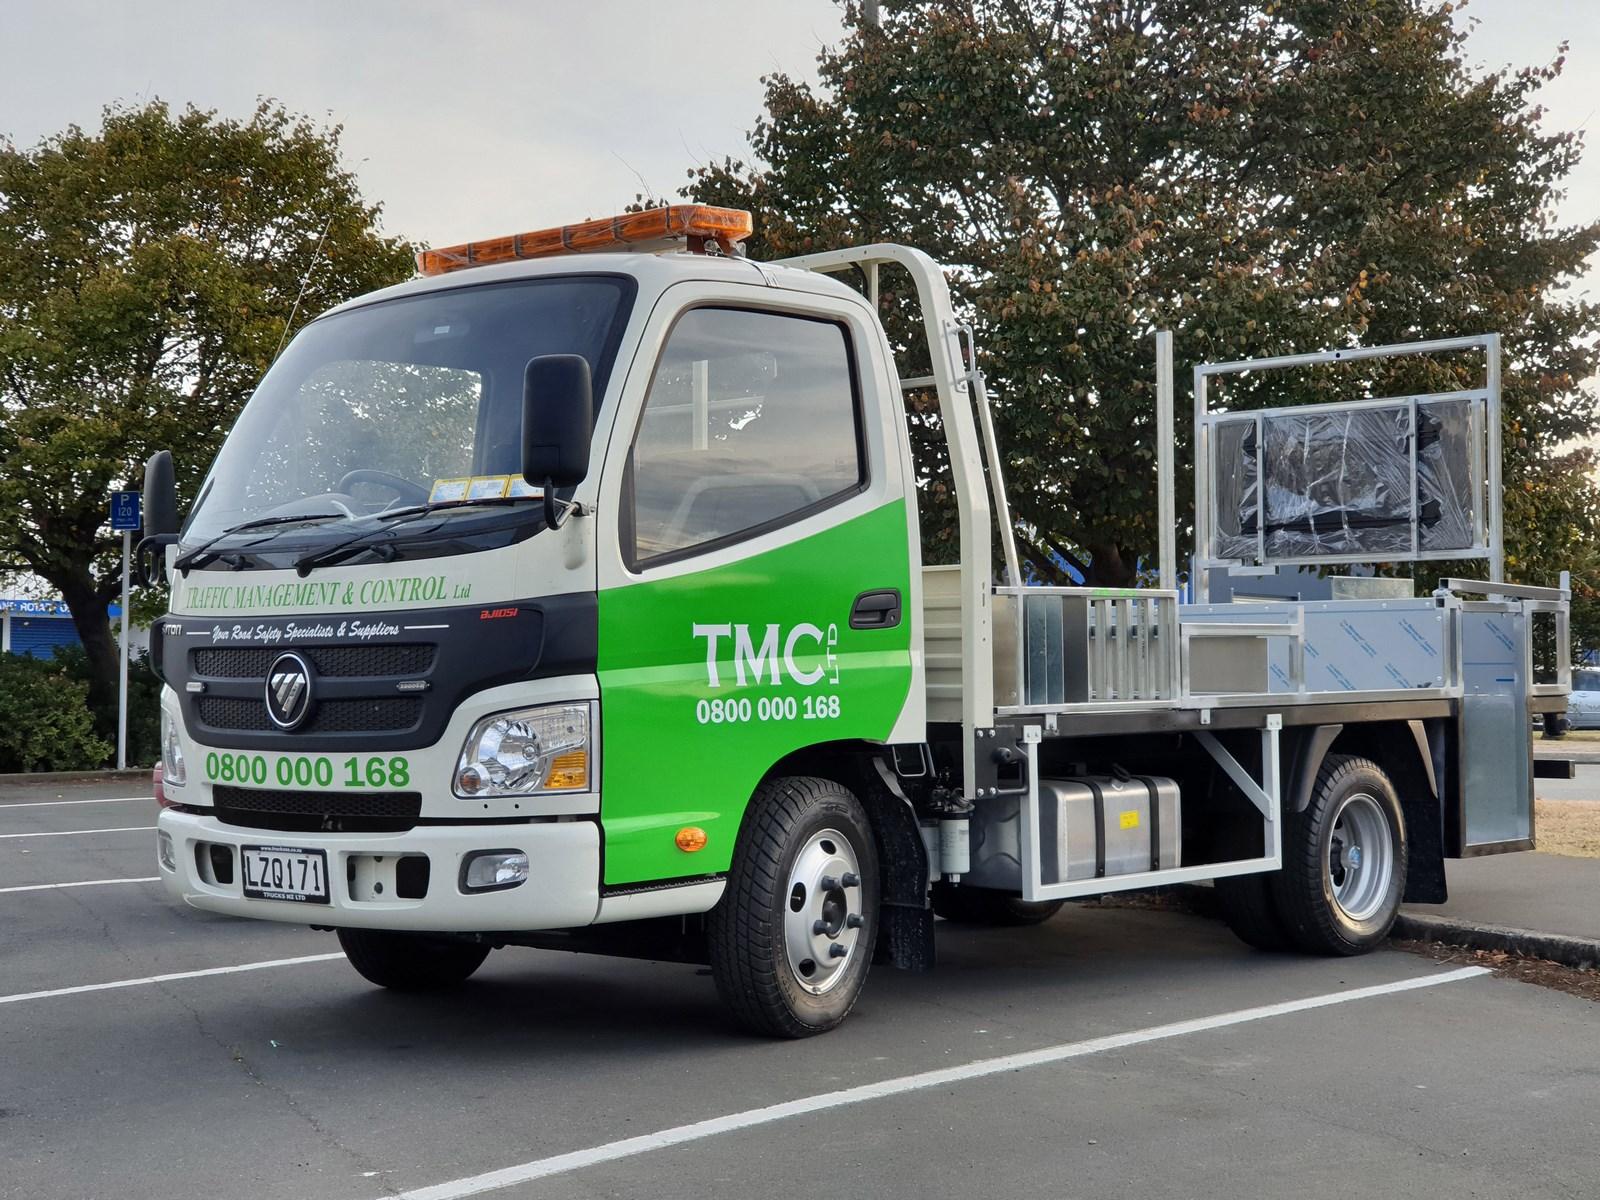 TMC truck signage